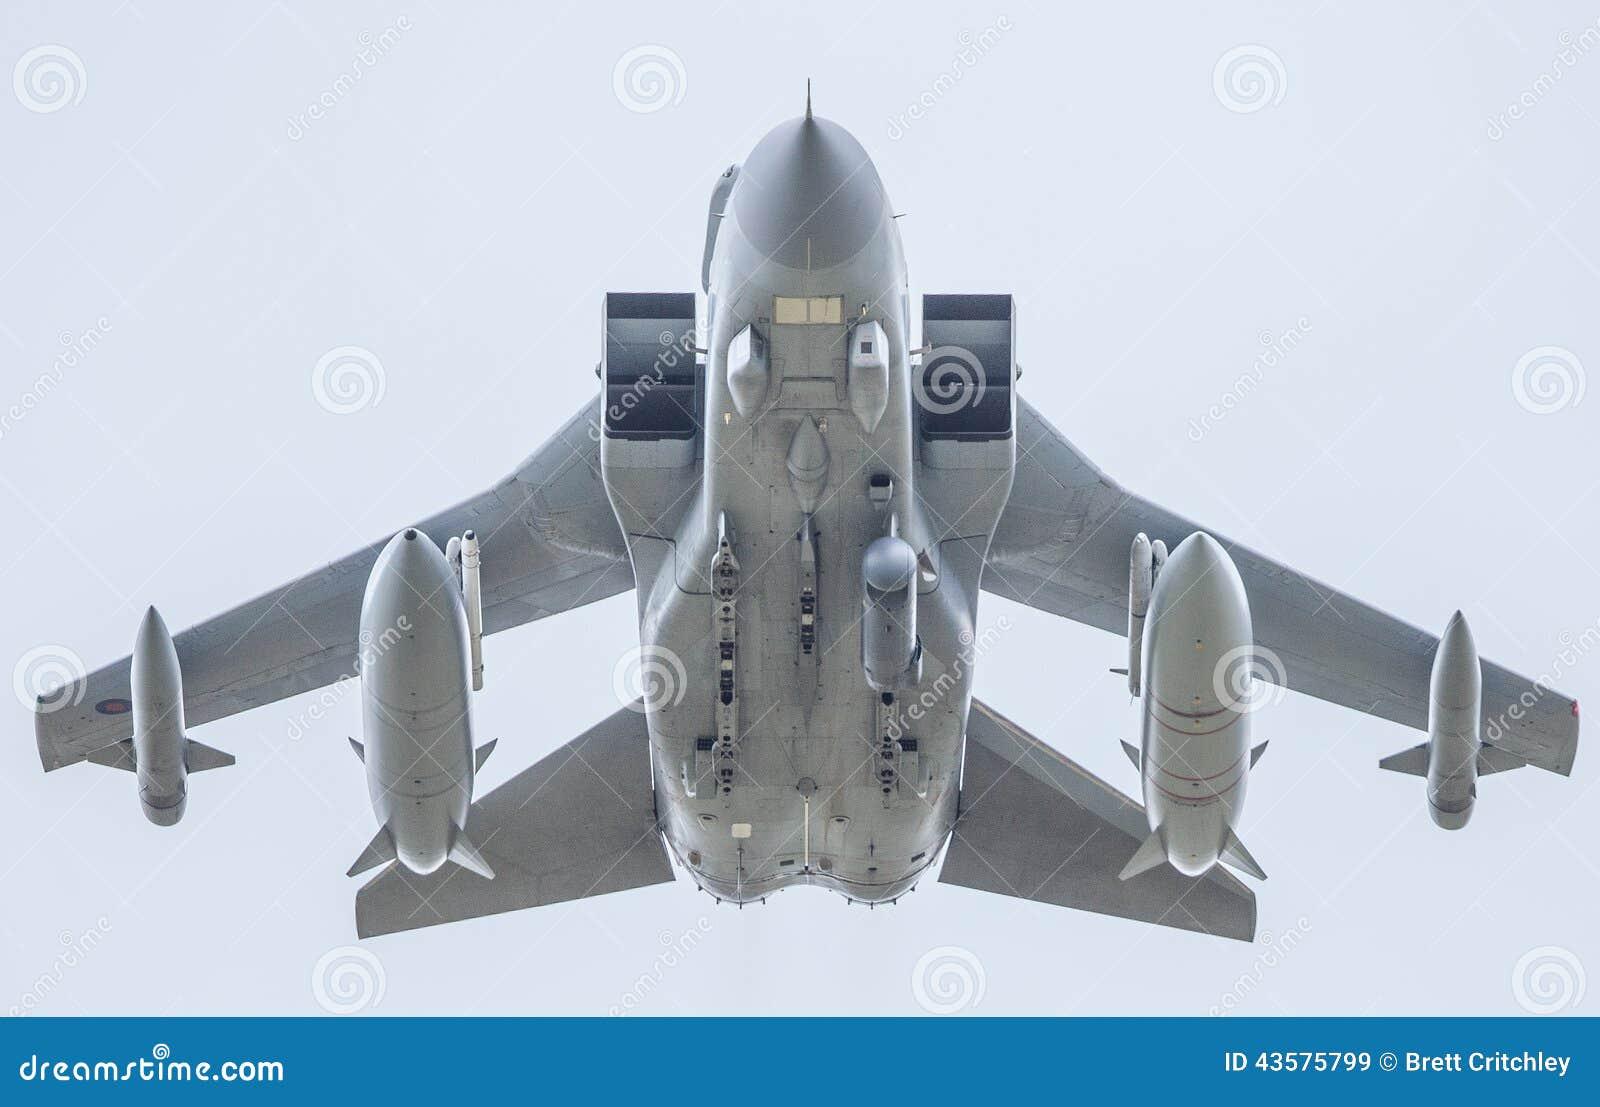 Aereo Da Caccia Tornado : Aereo da caccia di raf con i missili immagine stock